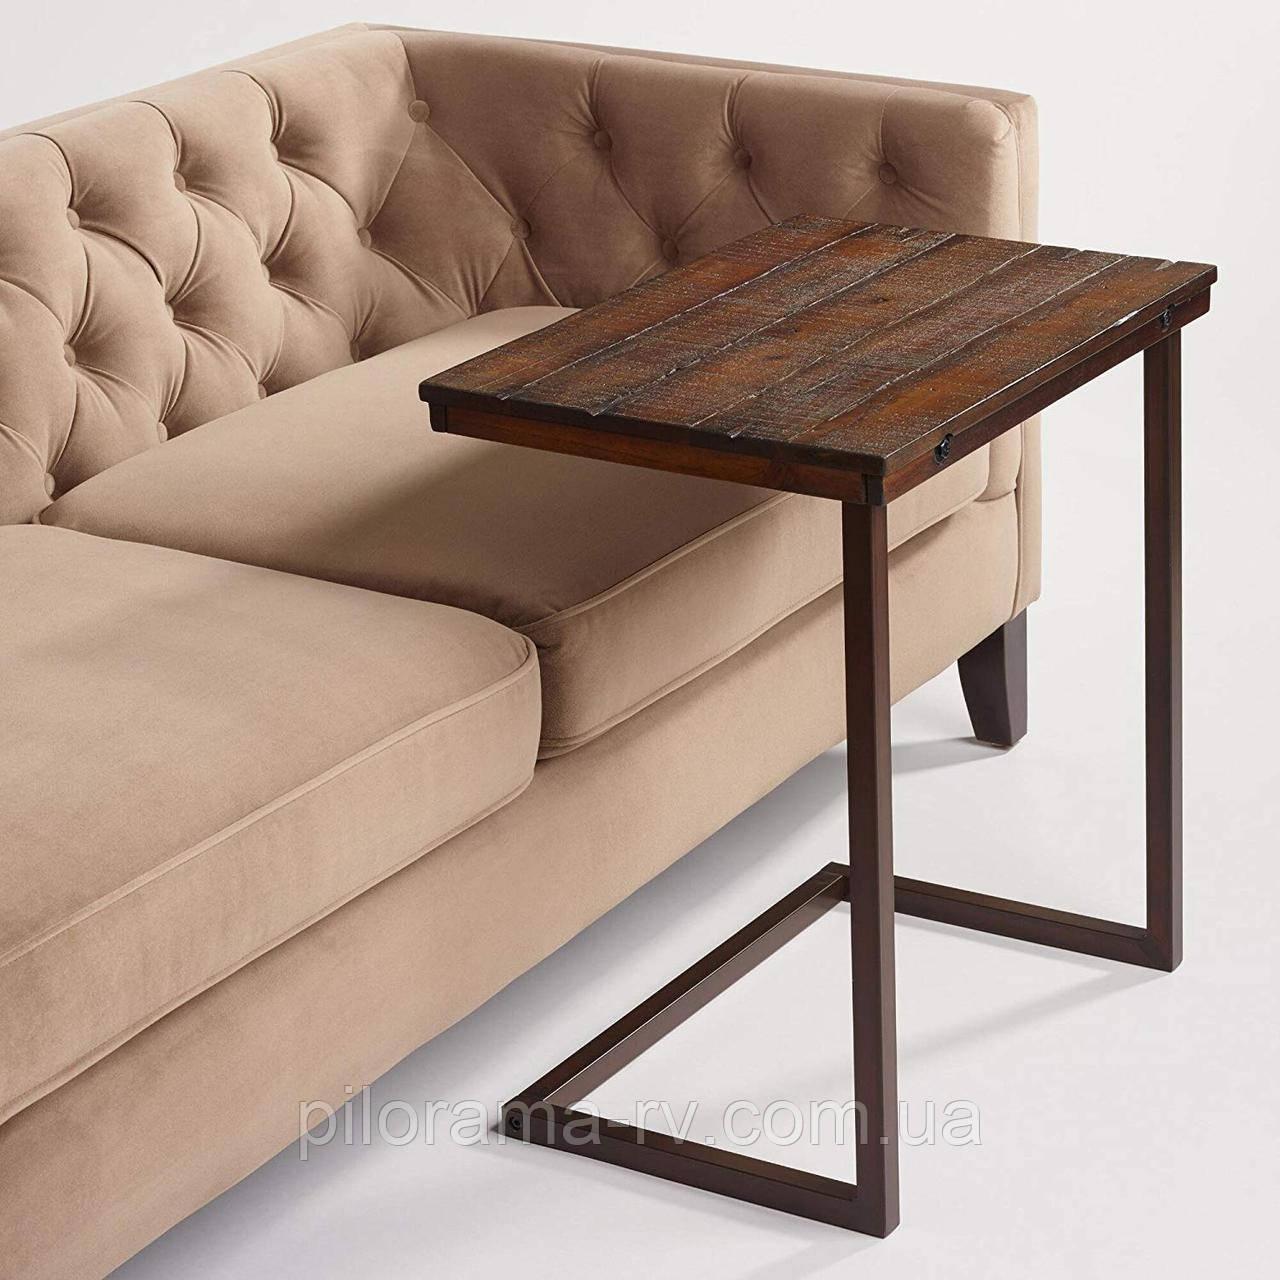 журнальный столик из дерева и металла для планшета и для ноутбука